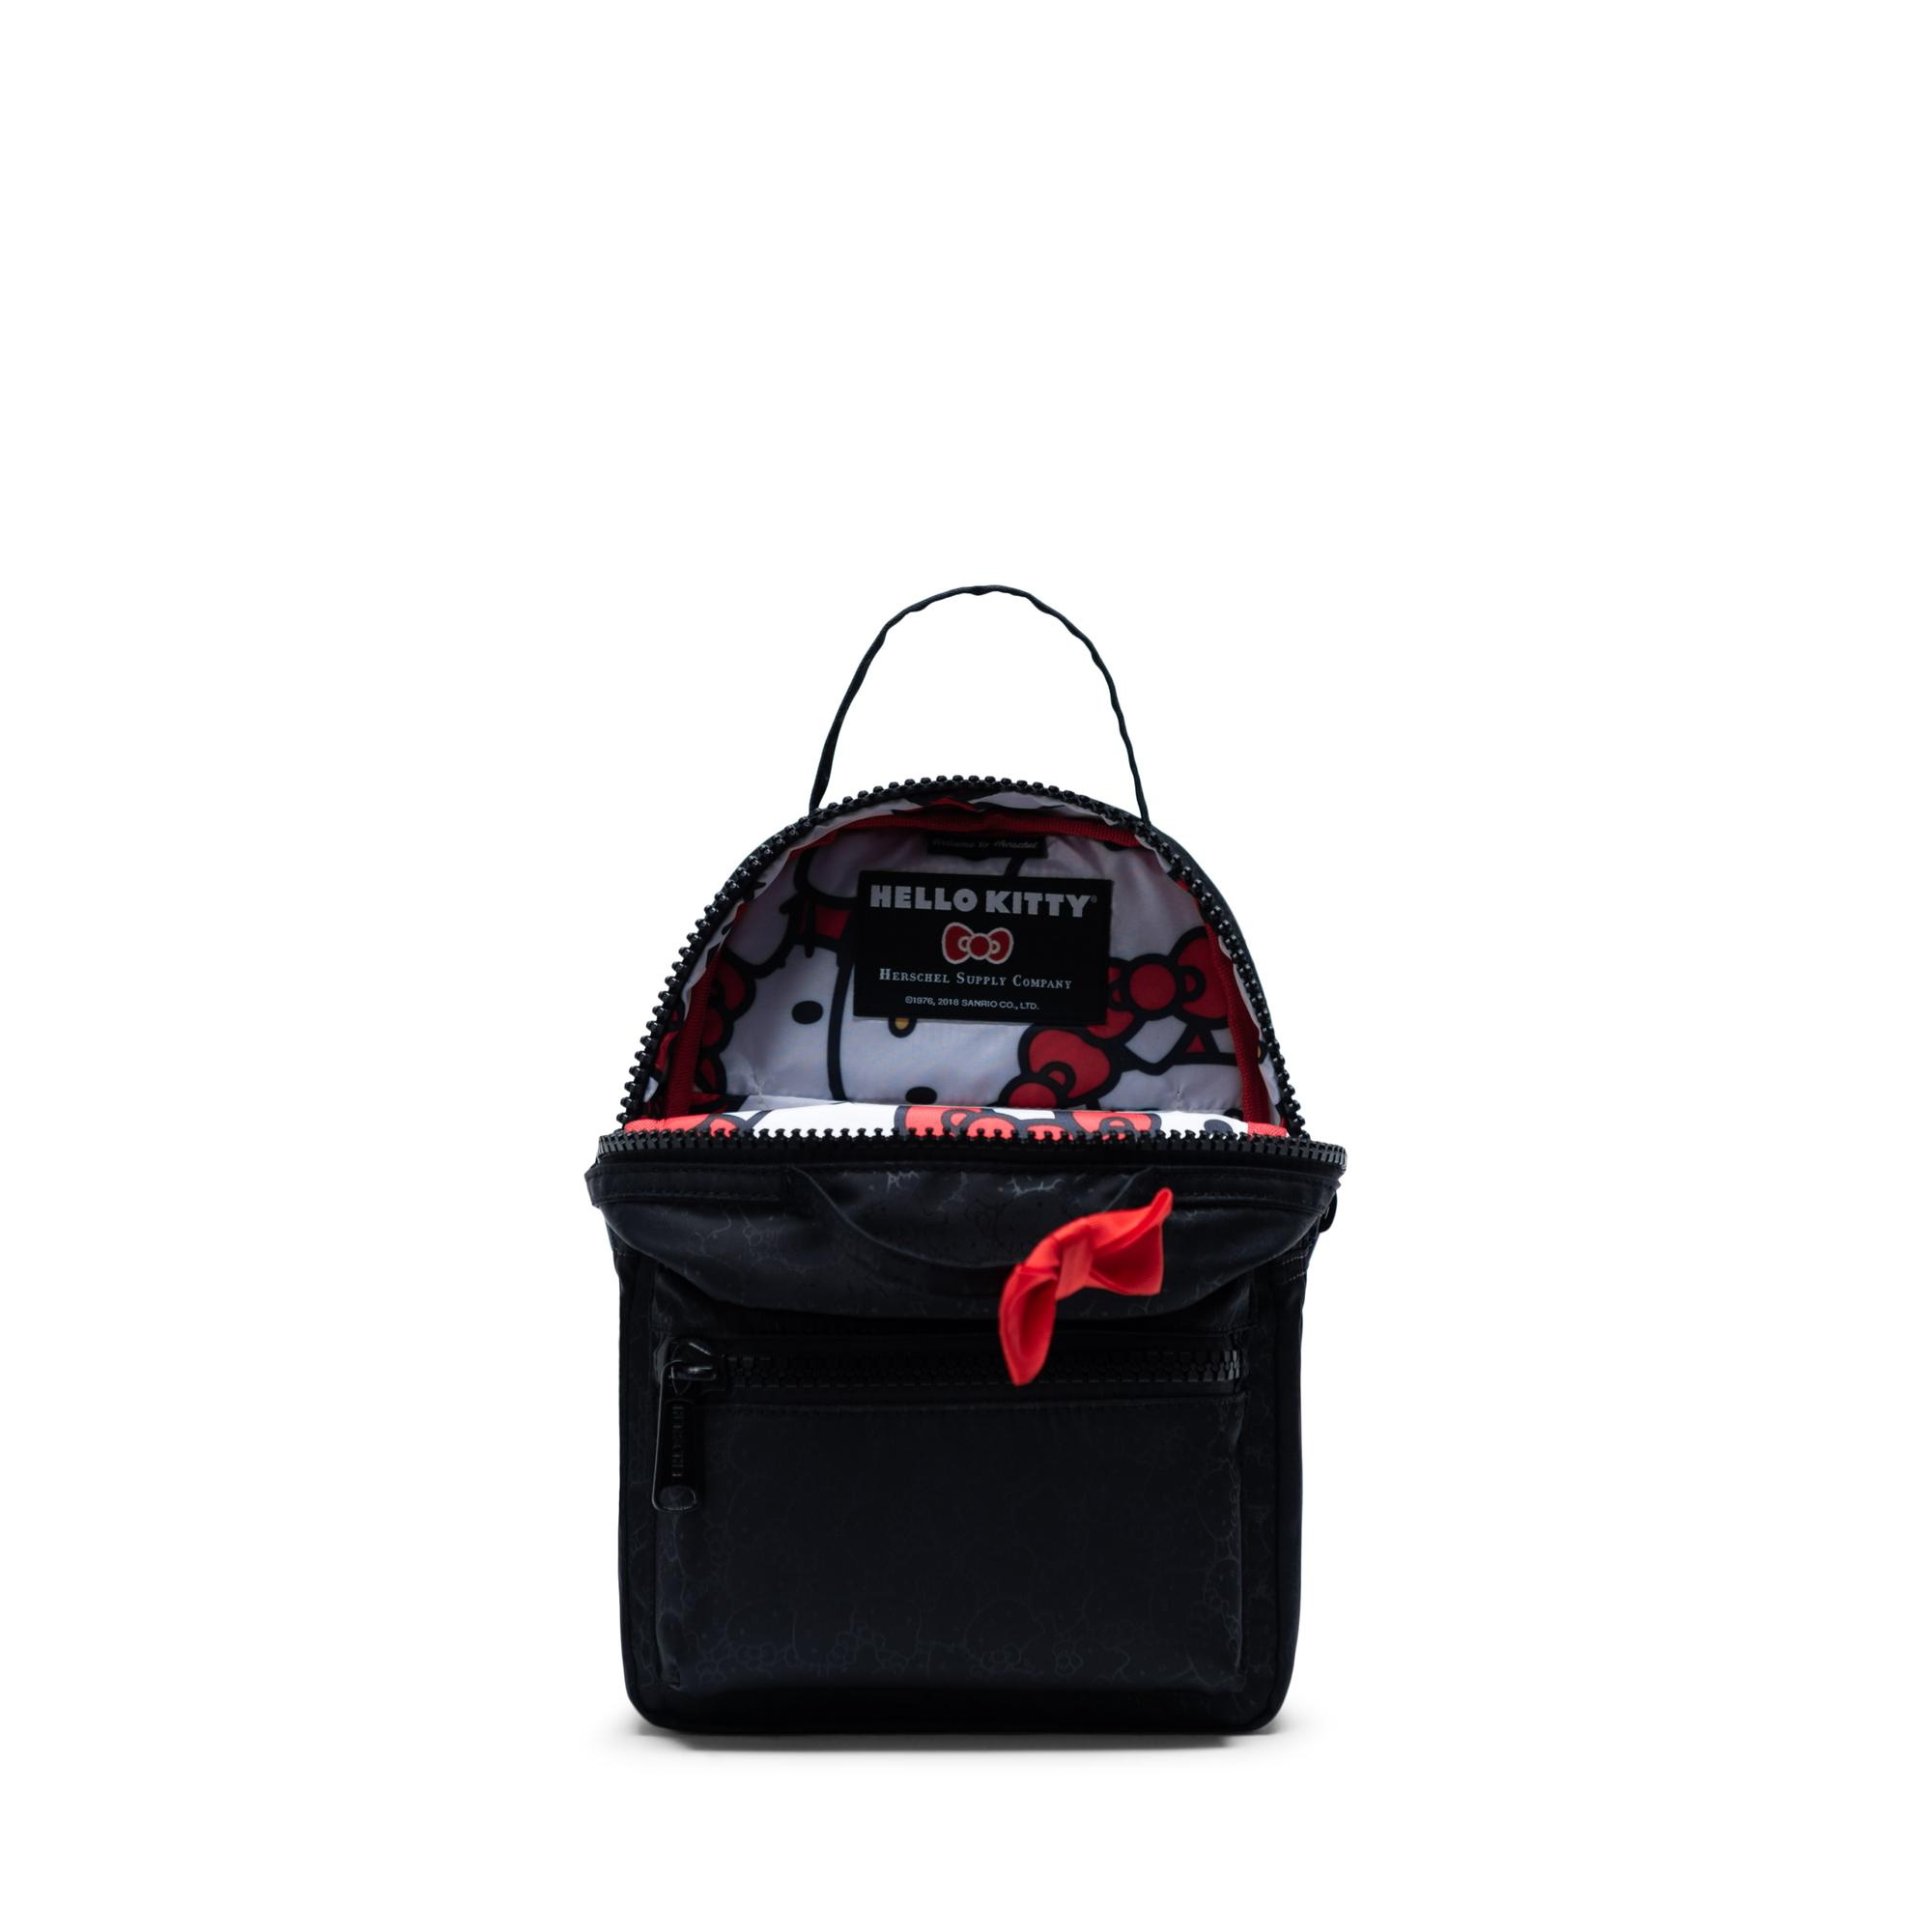 75a91ad3f01d Nova Backpack Mini Hello Kitty